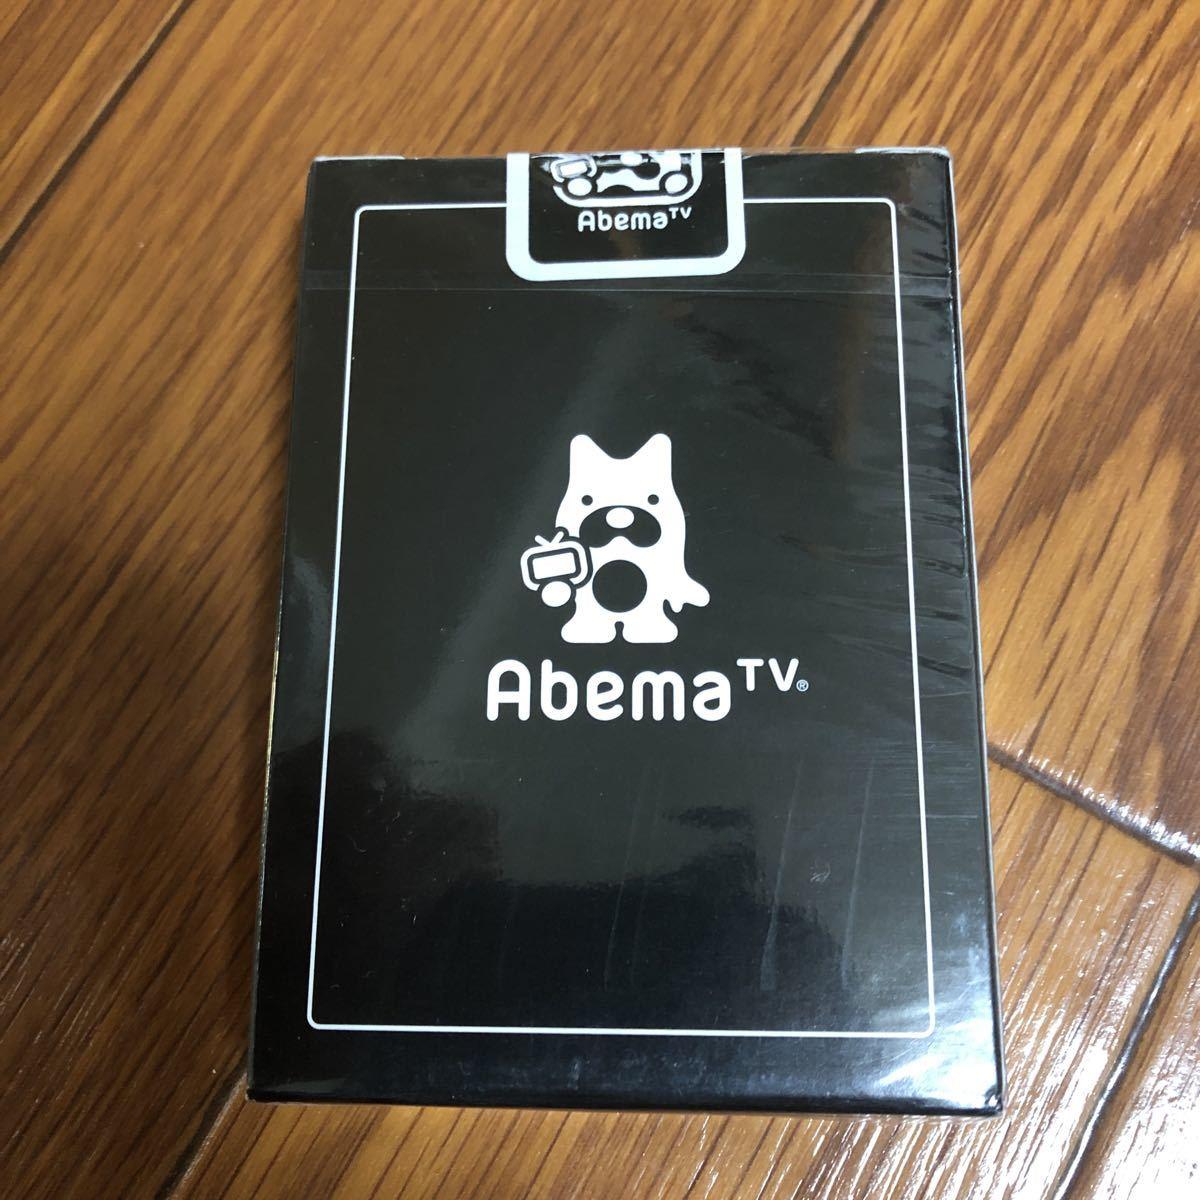 未開封 BICYCLE Abema TVオリジナル トランプPlaying Cards デック バイスクル DECK 手品 マジック_画像2